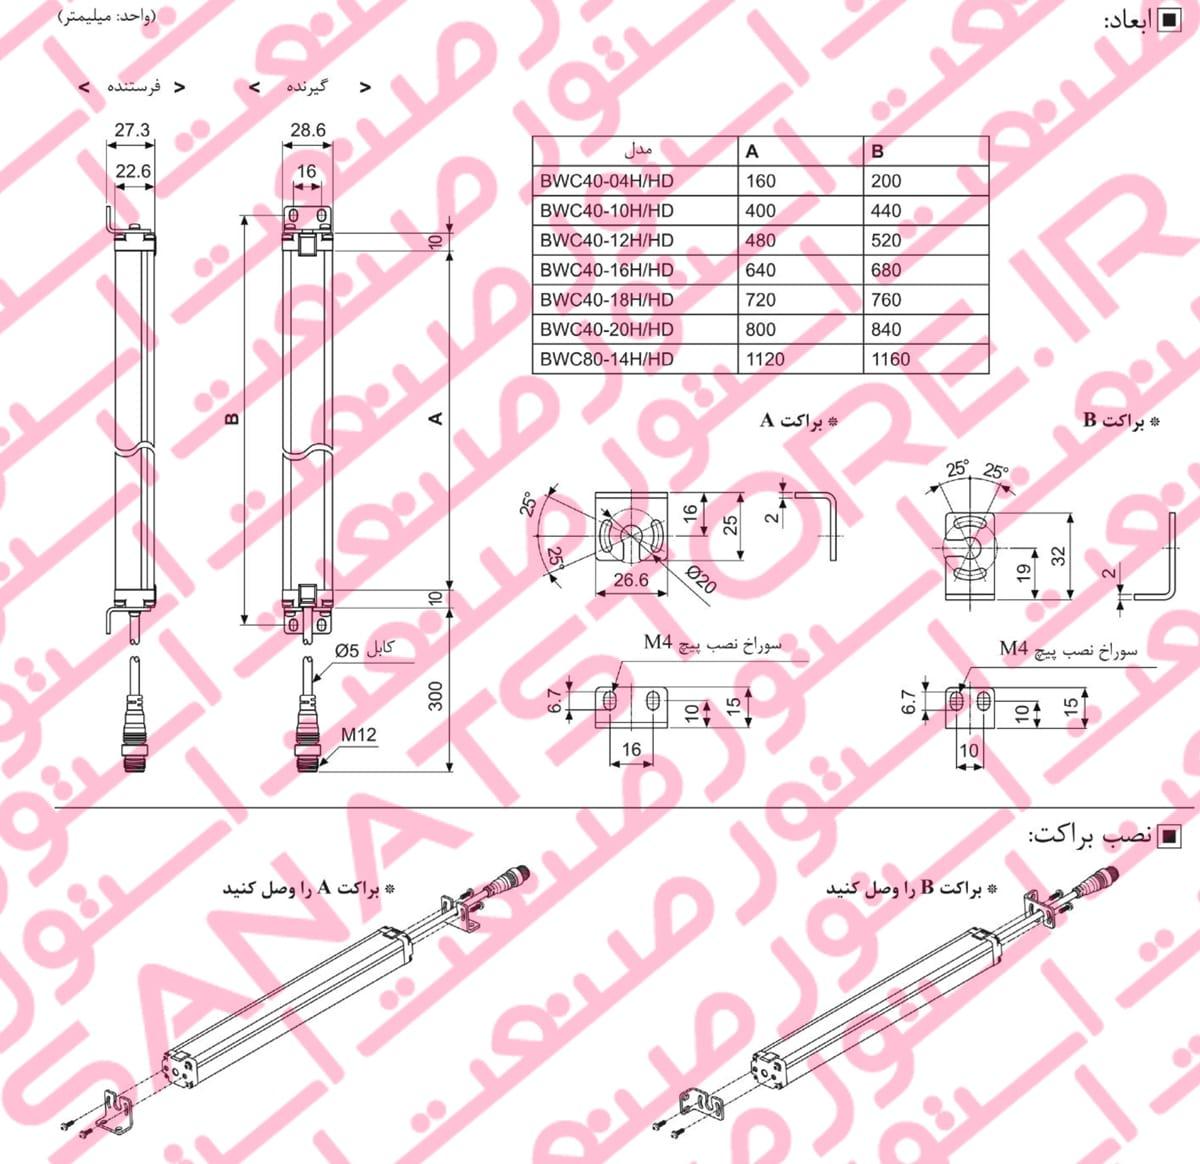 نصب پرده های نوری آتونیکس سری BWC 1 - پرده نوری کراس بیم آتونیکس Autonics مدل BWC40-04H